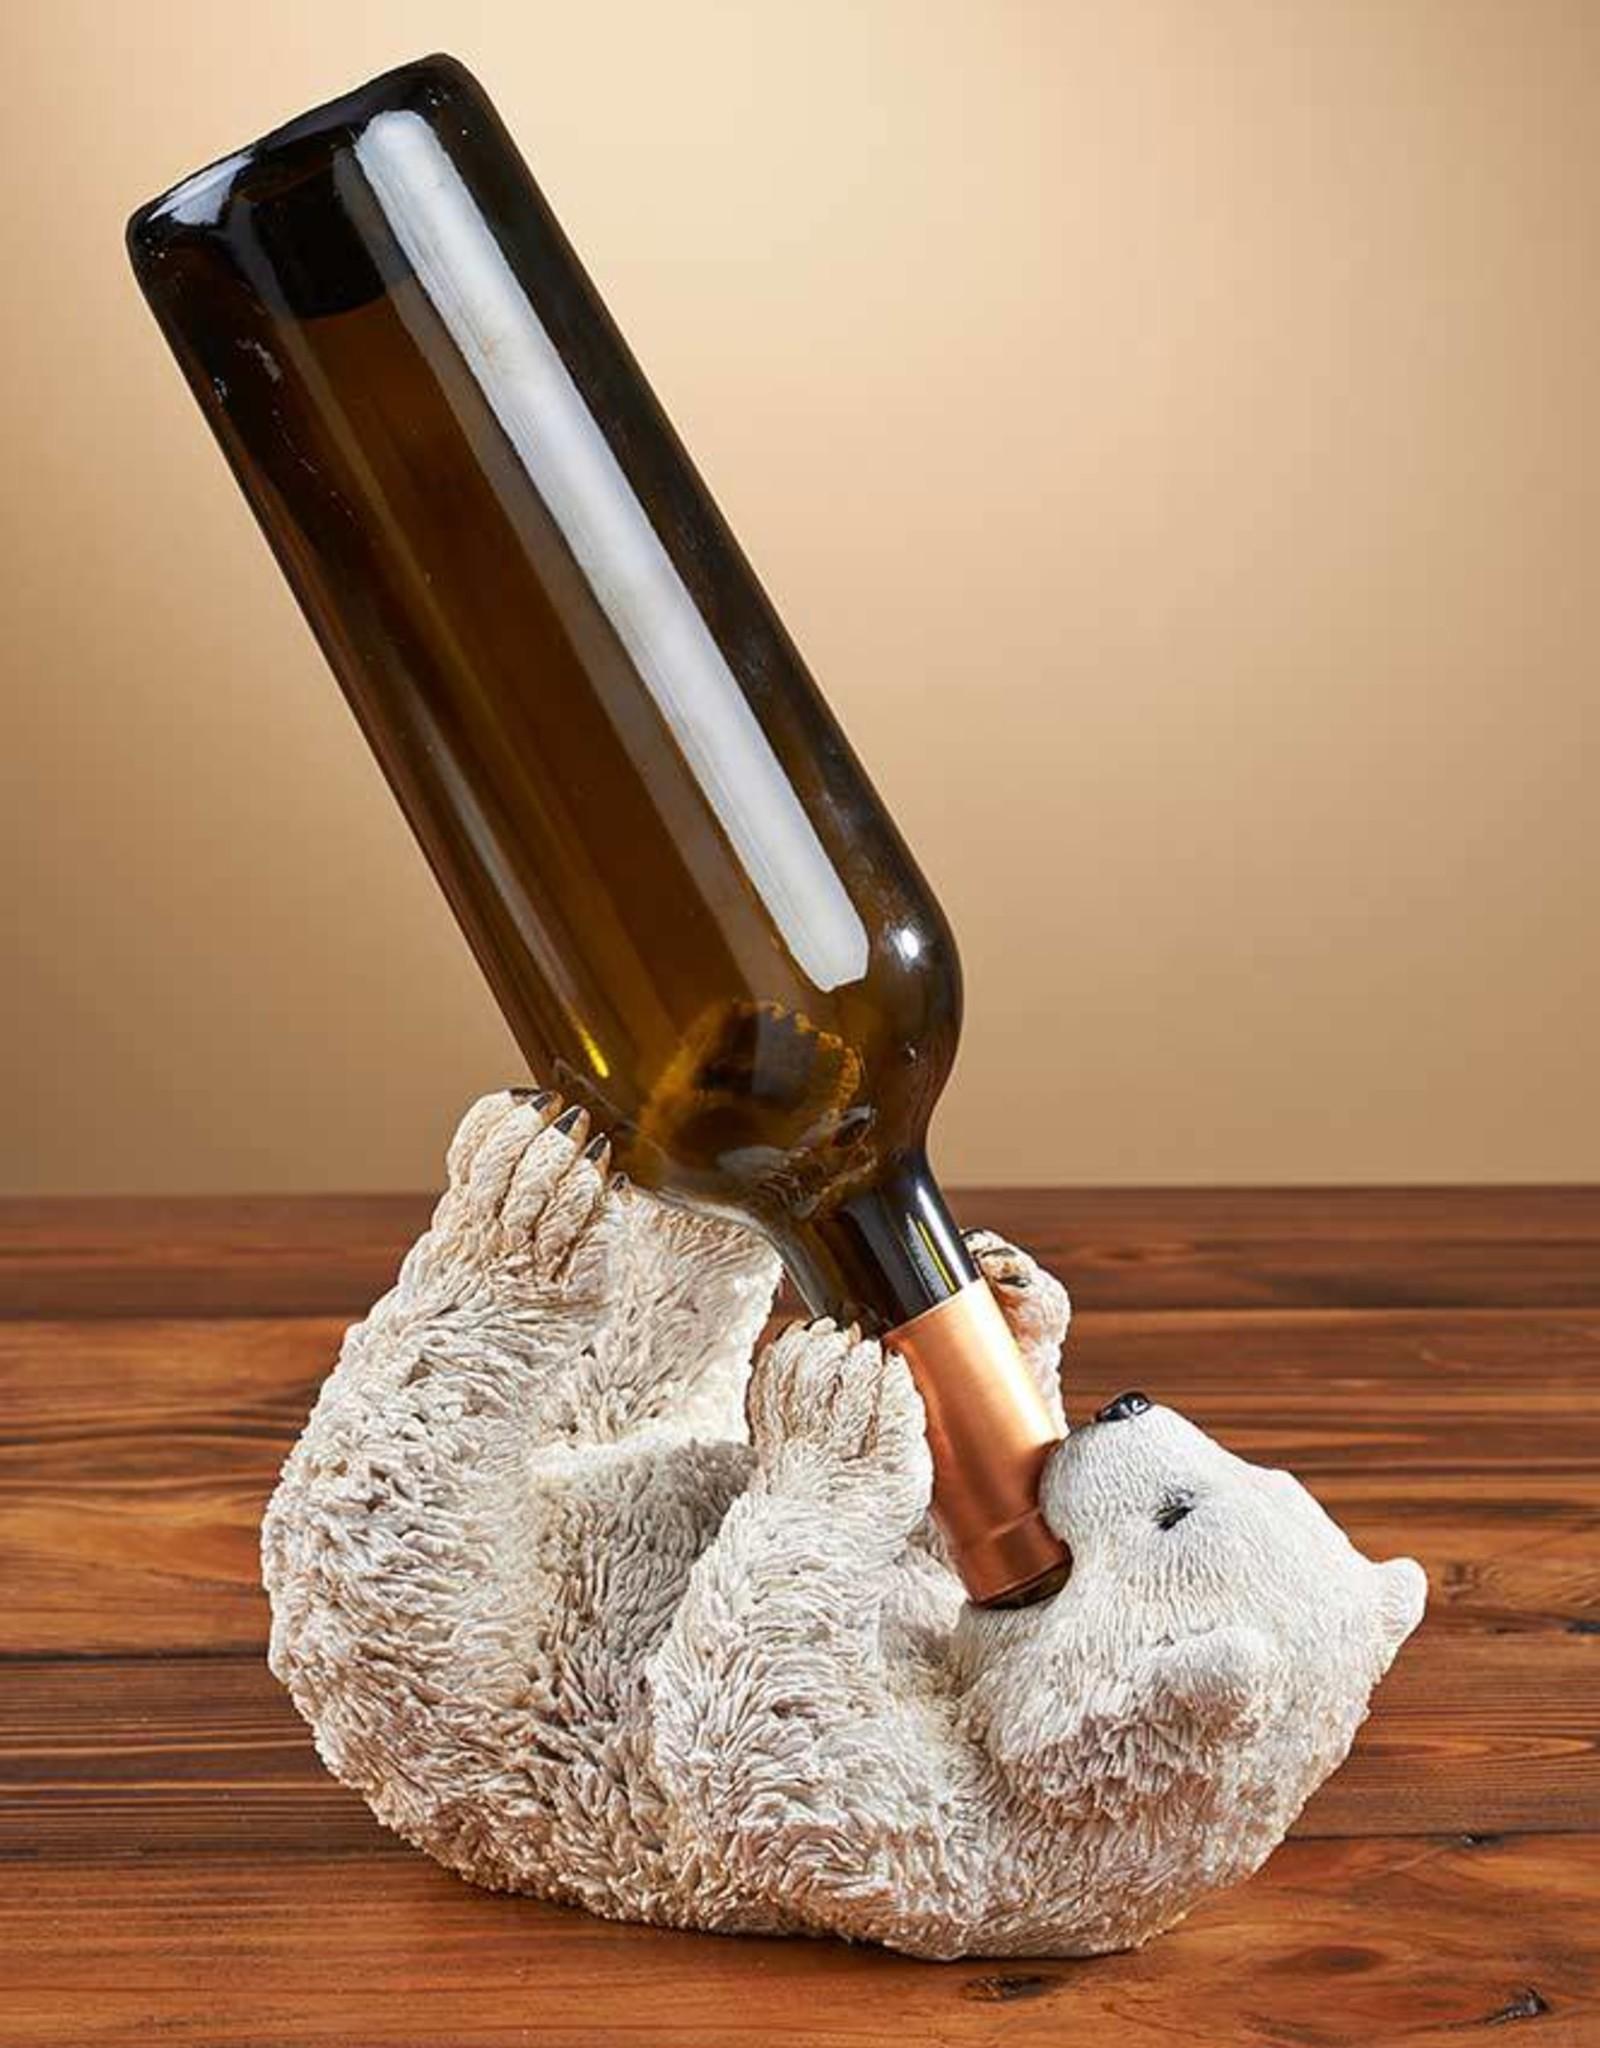 Polar Bear Wine Bottle Holder and Bank Combo